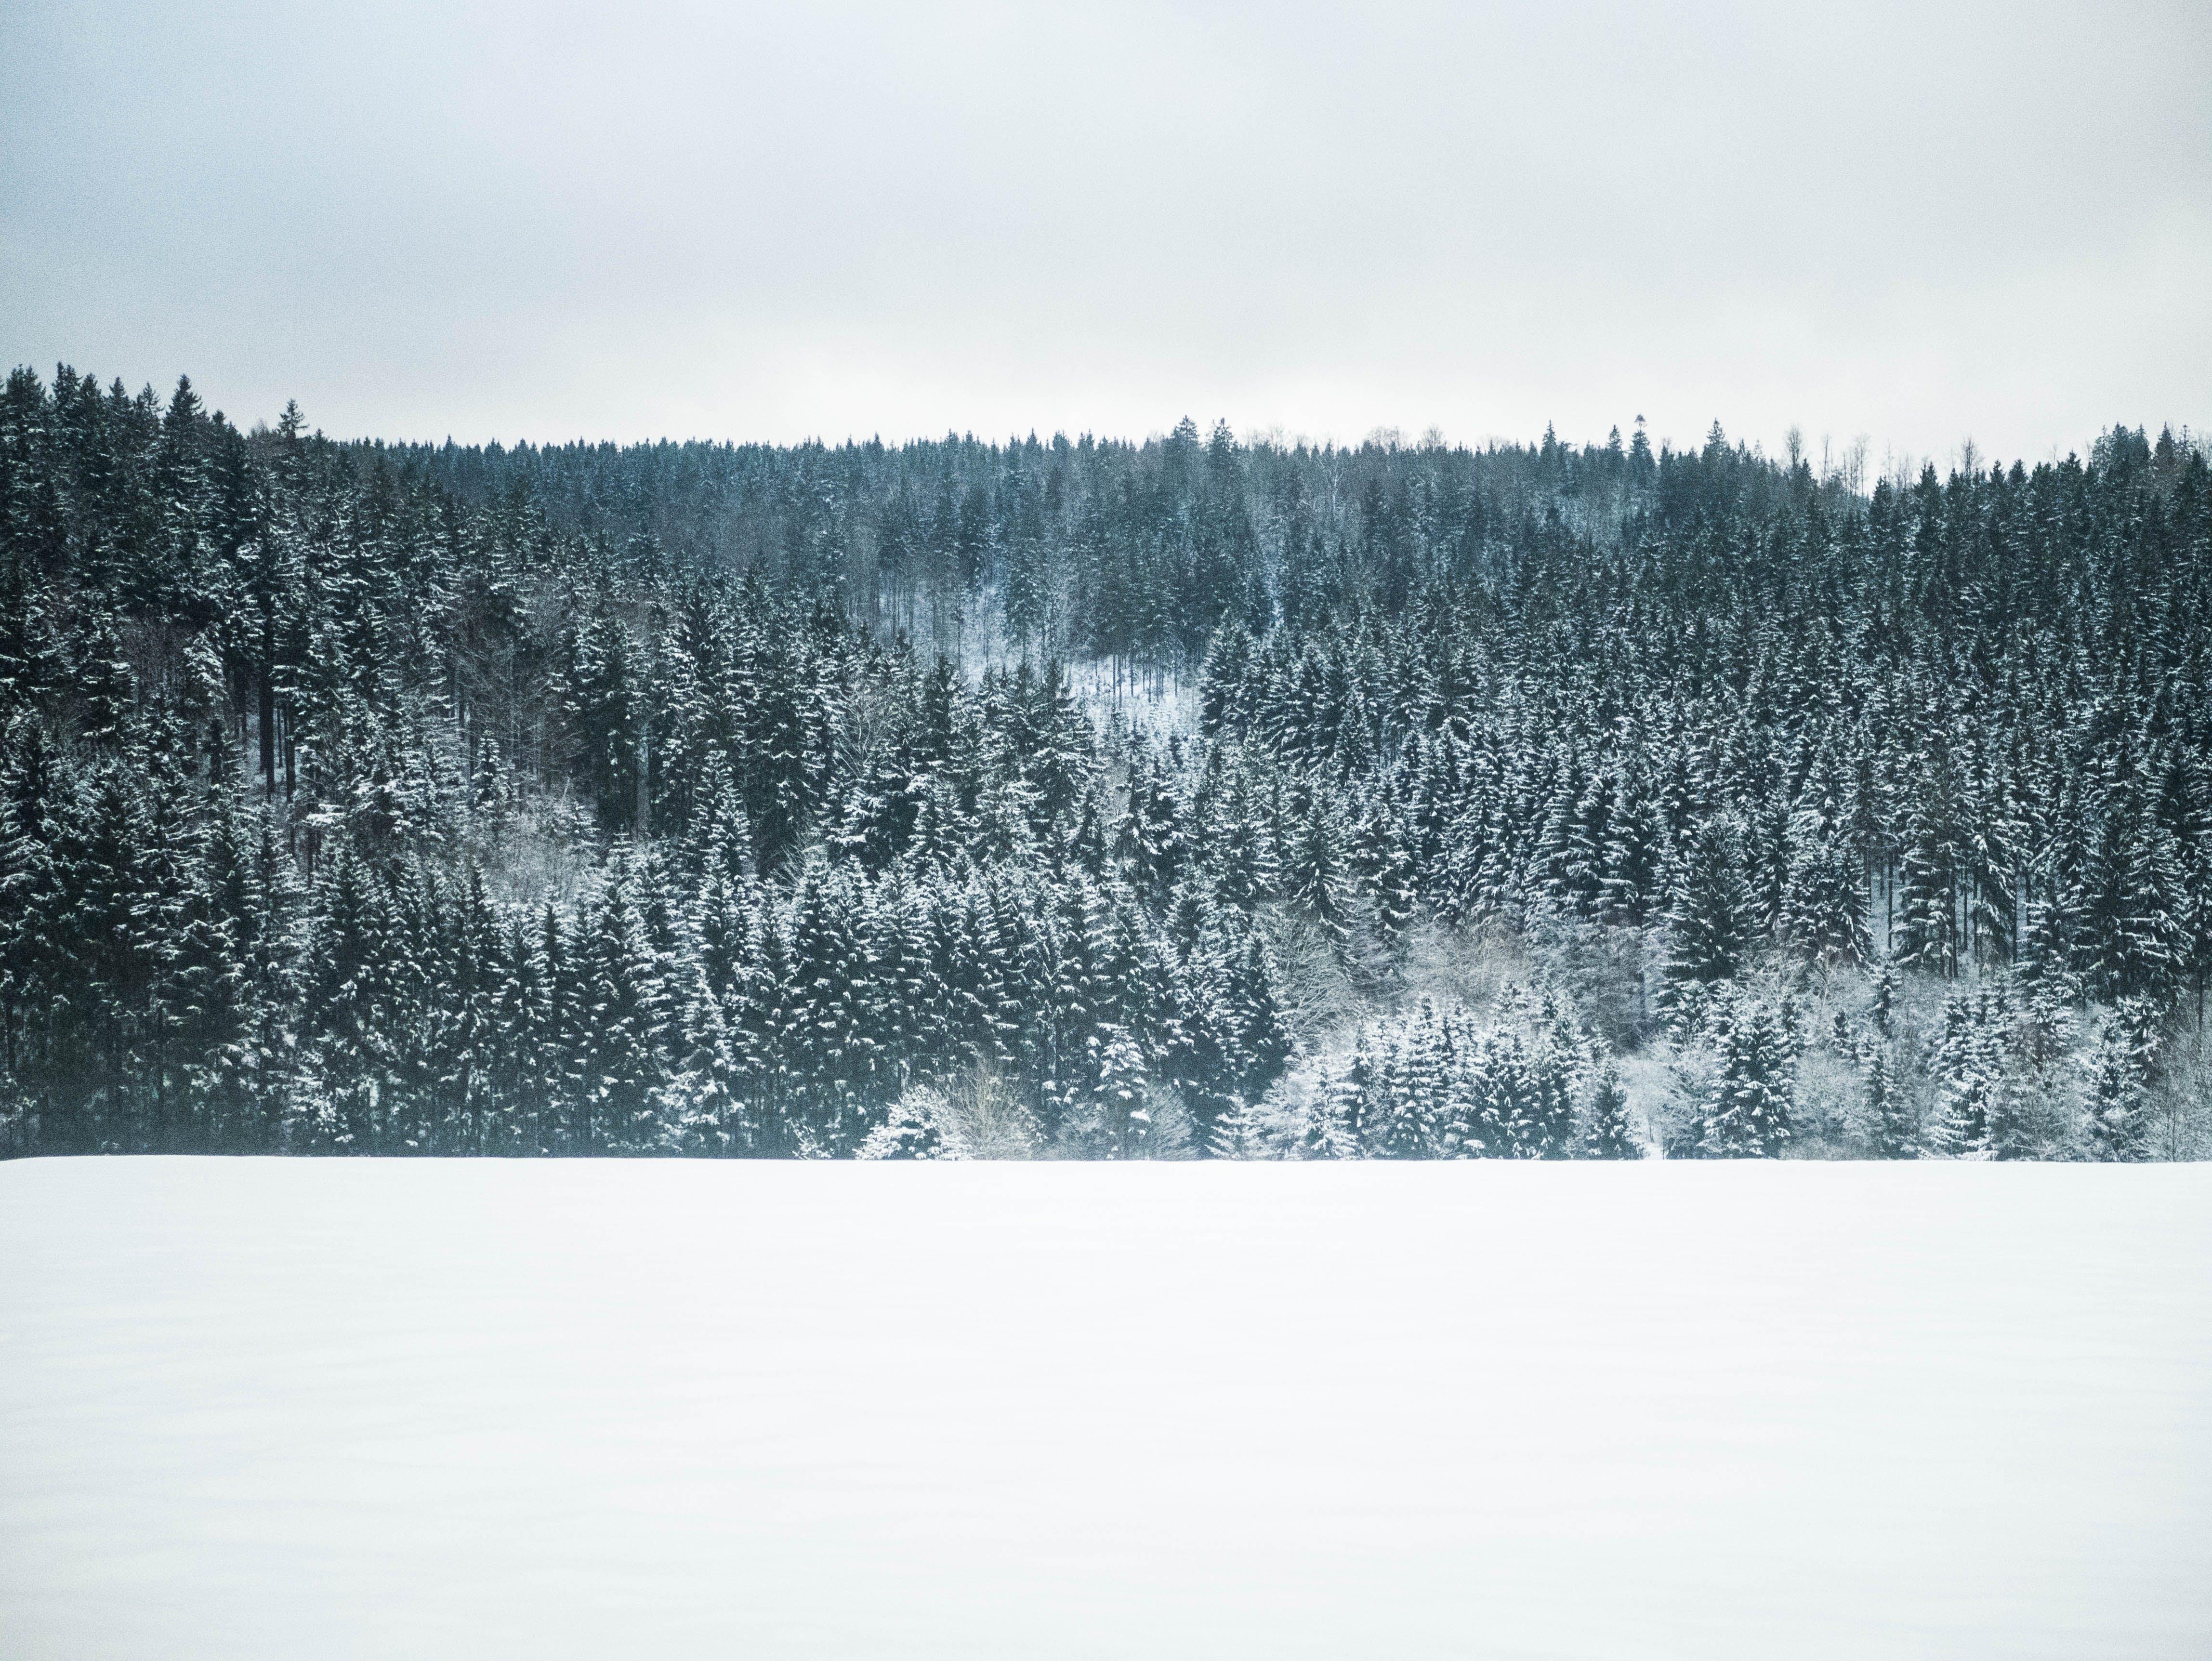 Forest Scene Illustration